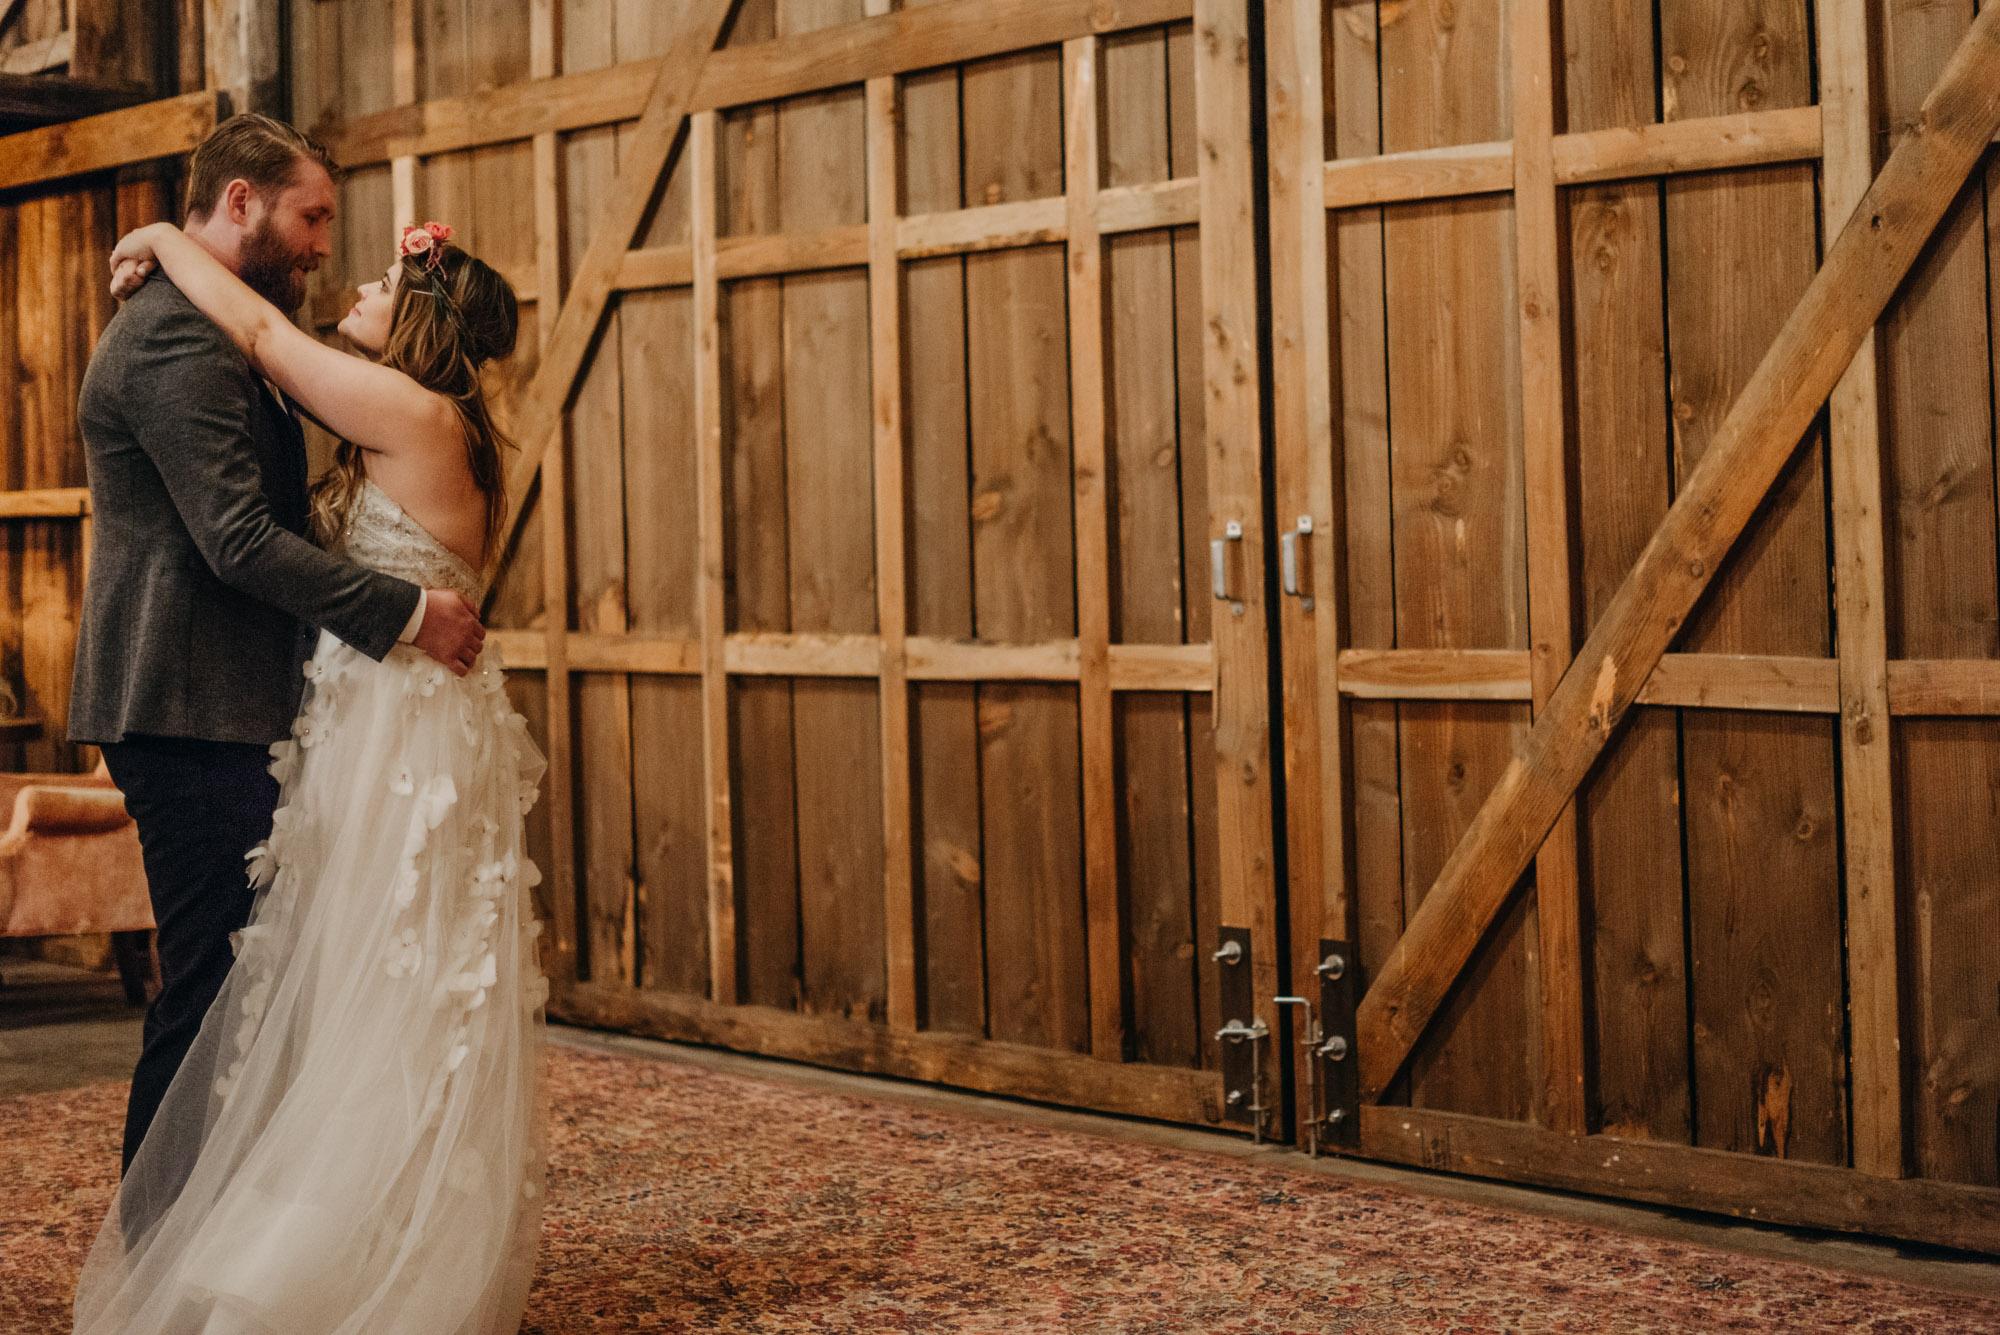 Indoor-Barn-Ceremony-Dancing-Washington-5681.jpg